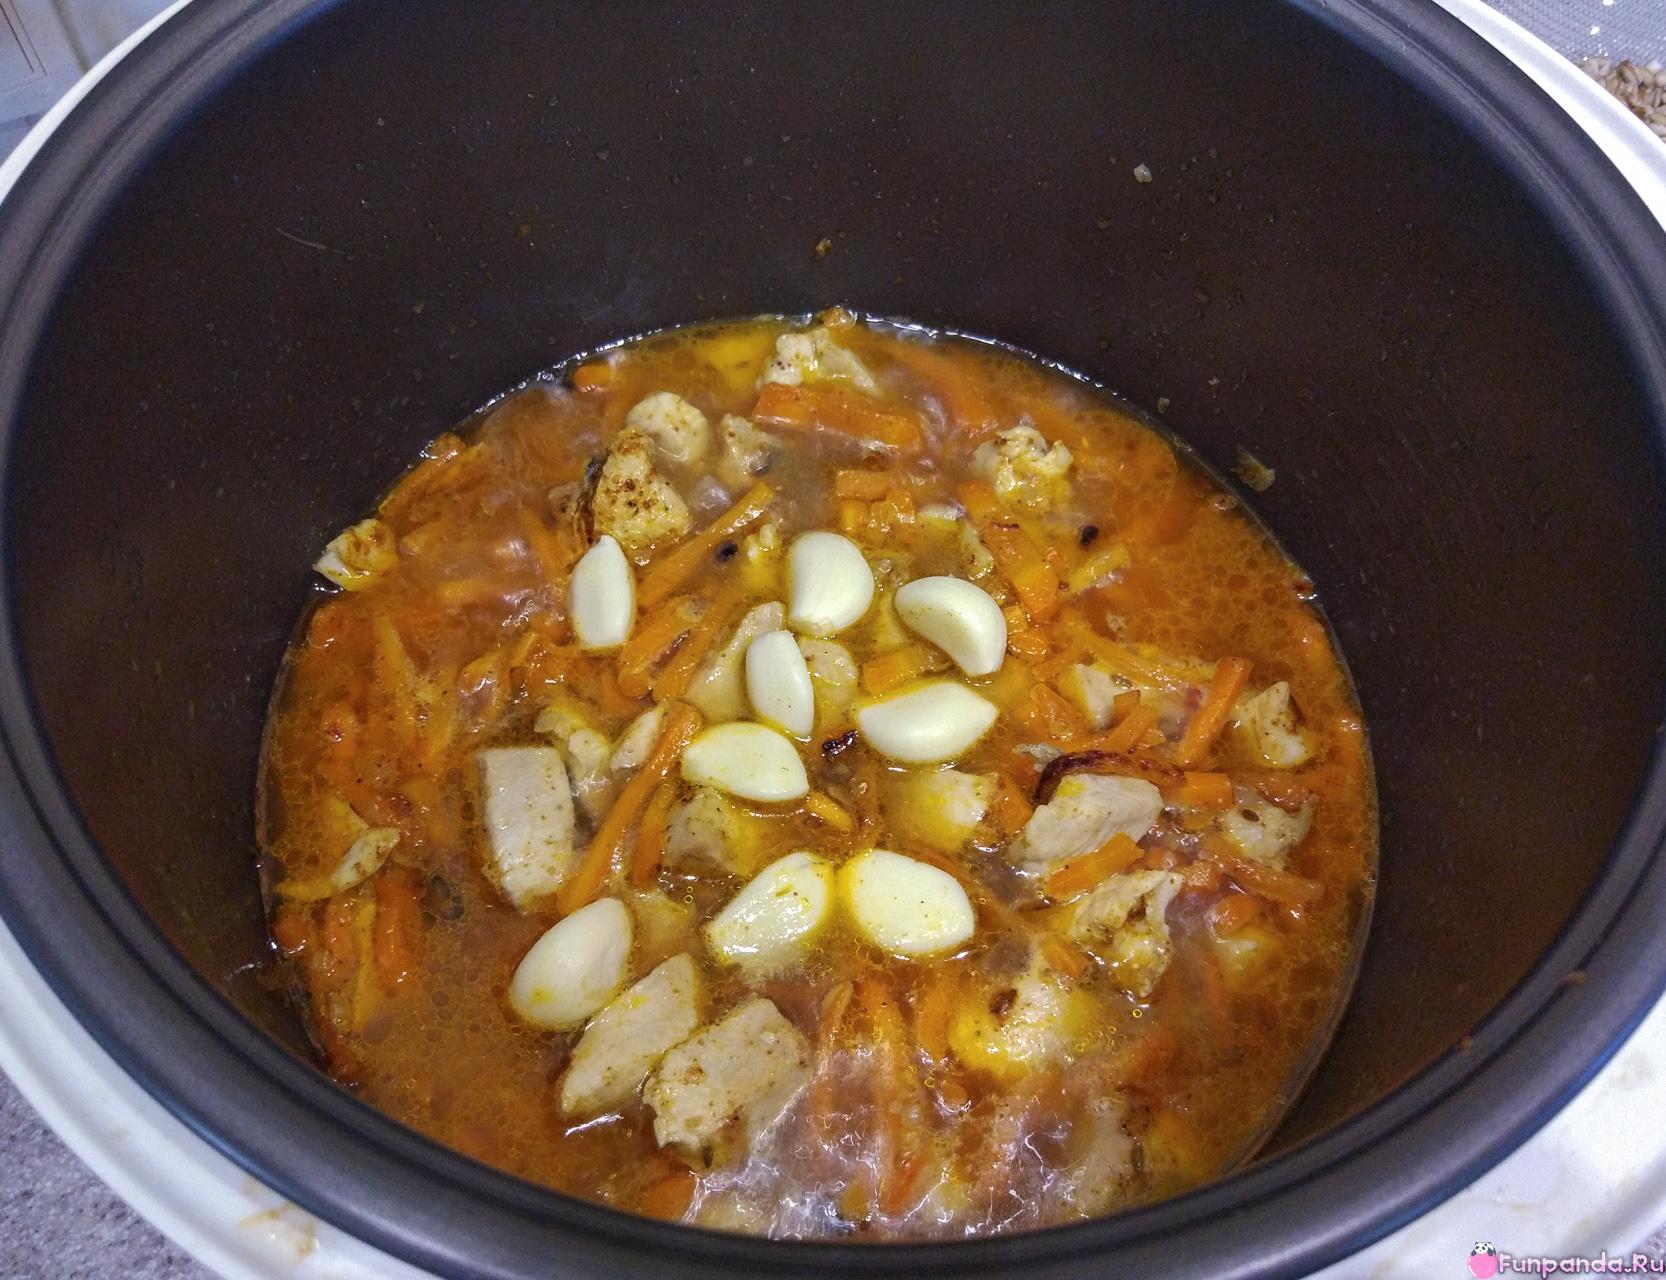 Тушенка из курицы в домашних условиях рецепт